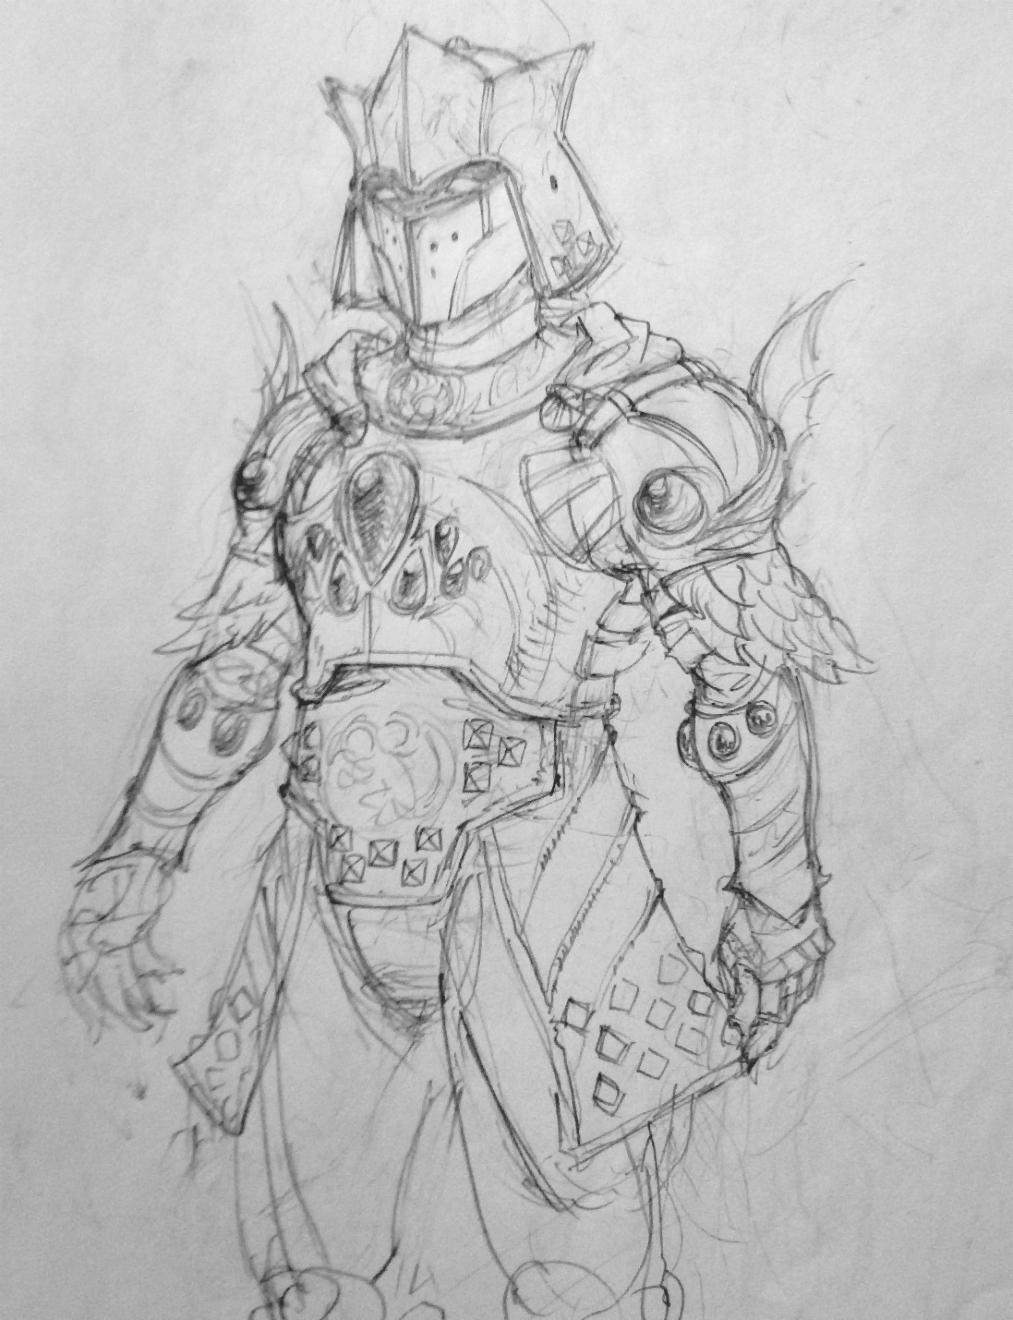 Rhaegar Targaryen Sketch by KidneyShake